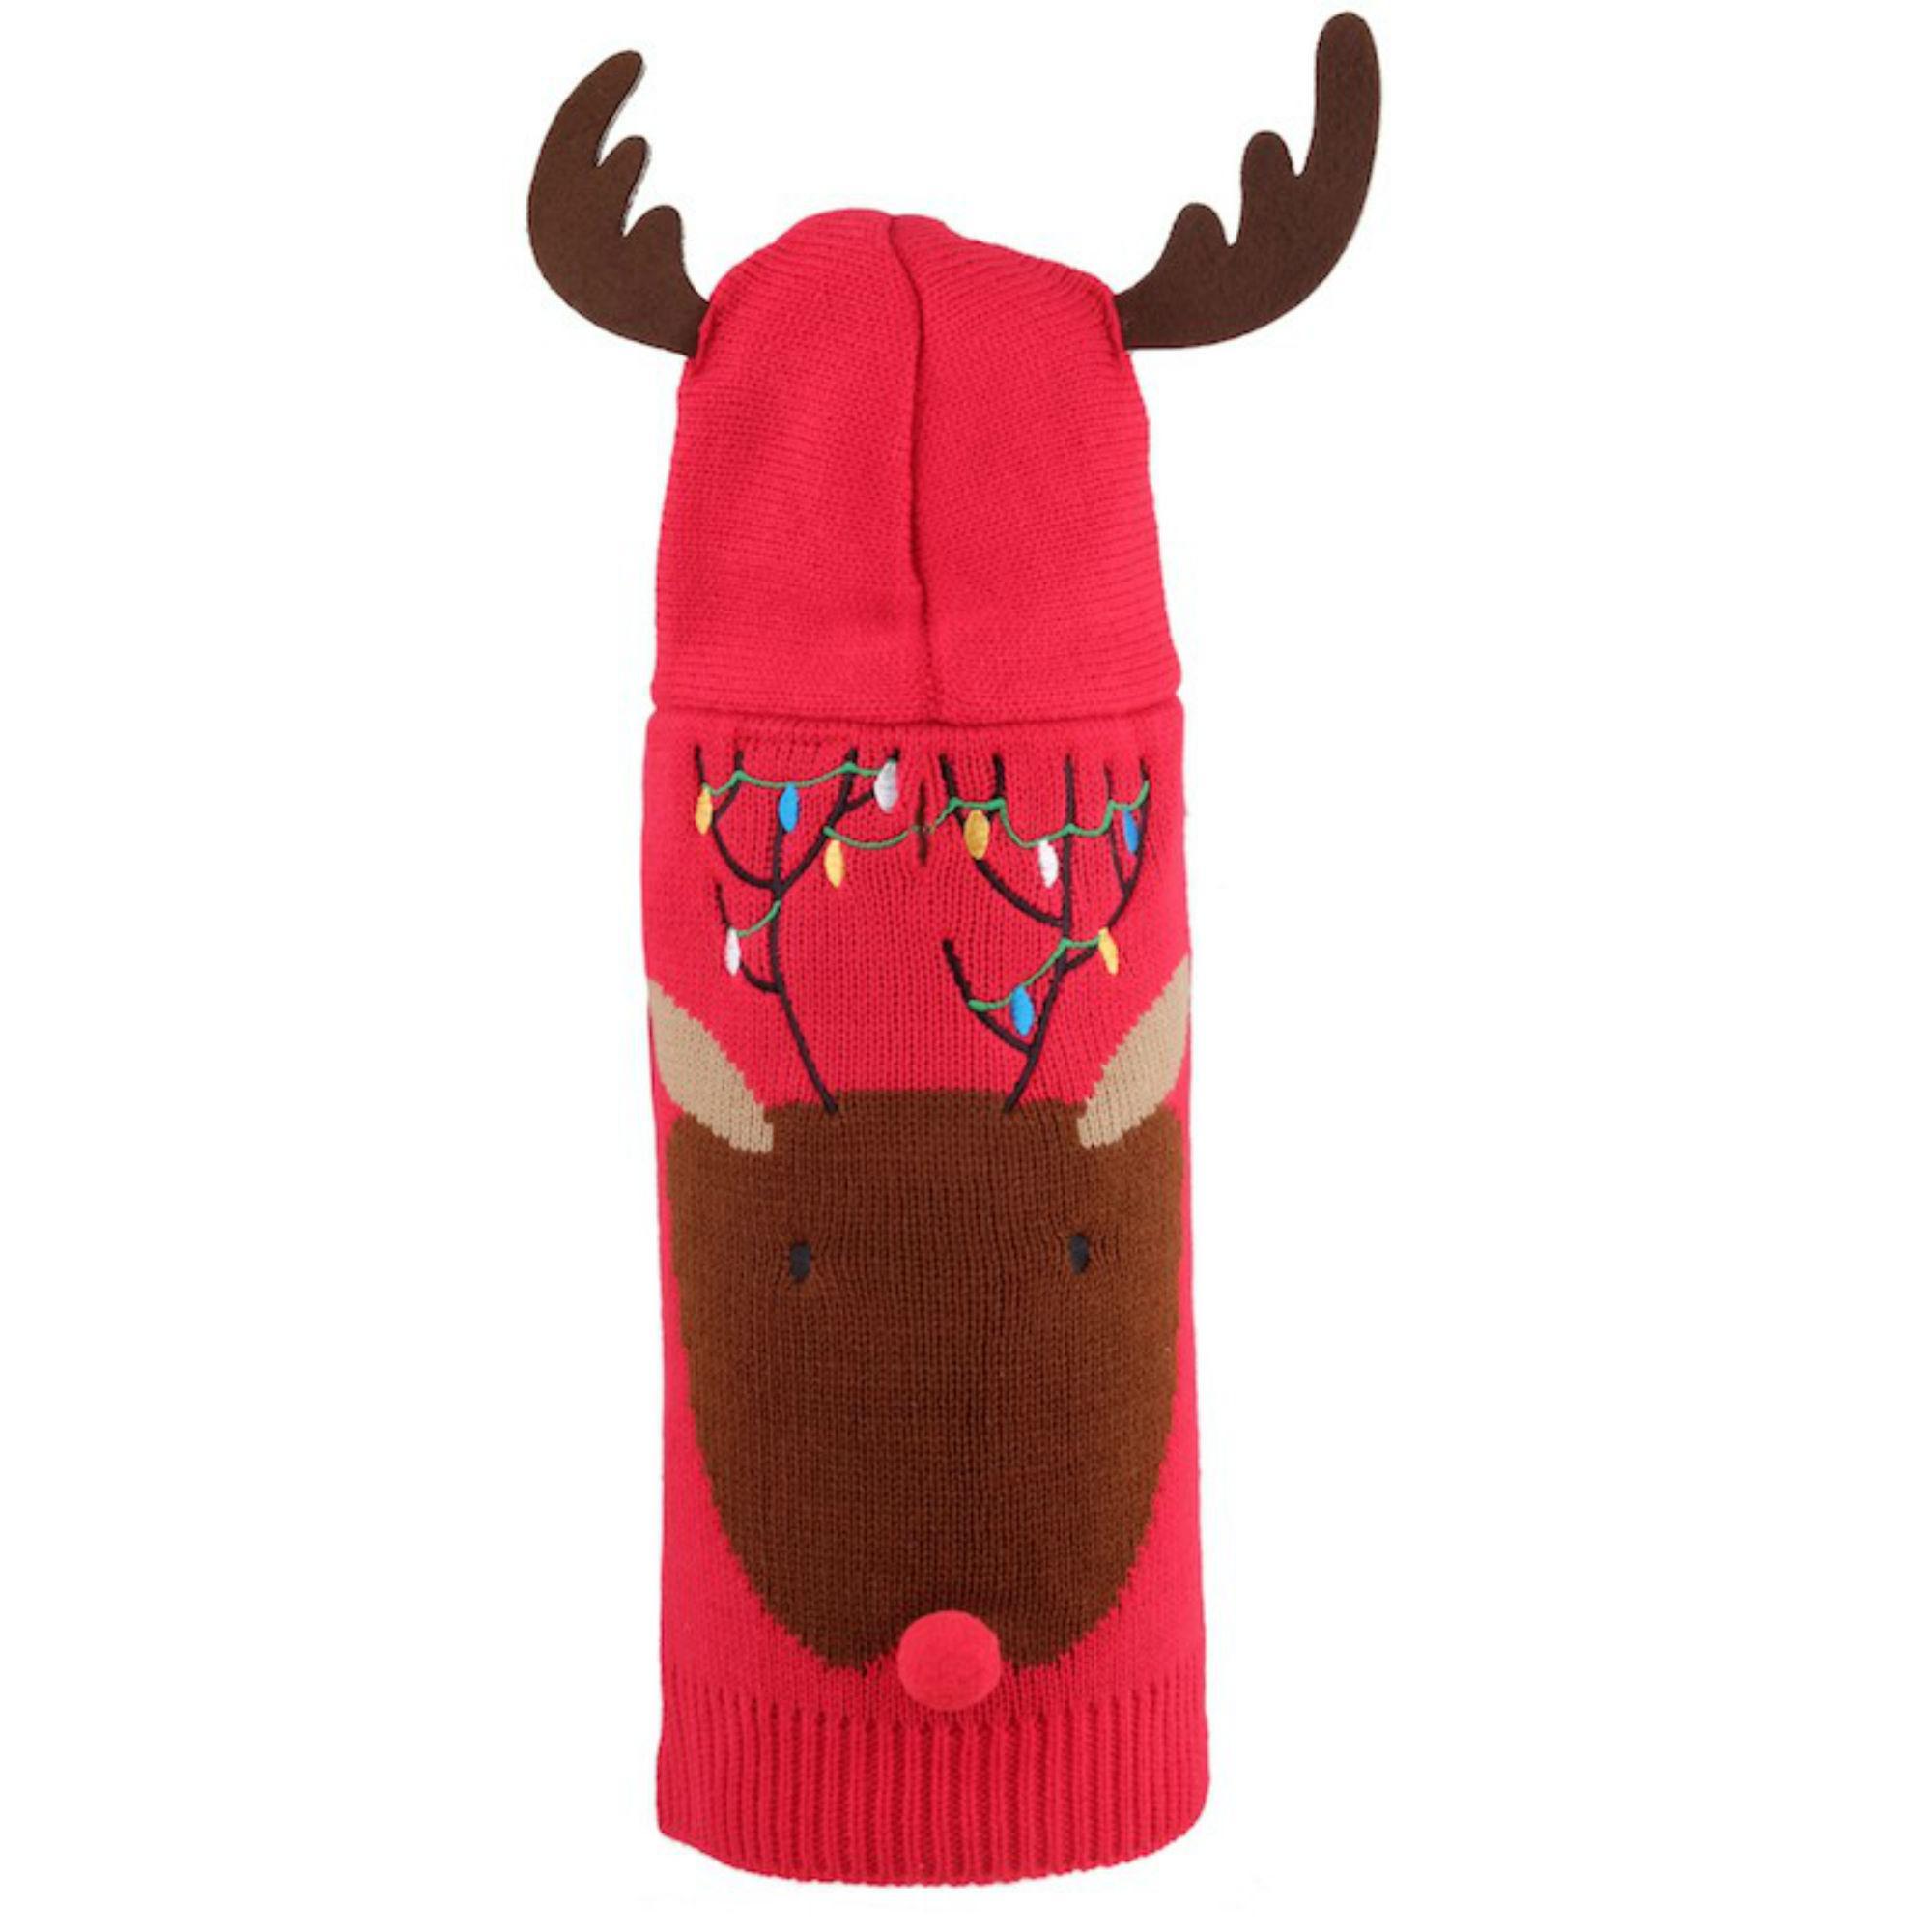 Worthy Dog Rudy Reindeer Dog Hoodie - Red